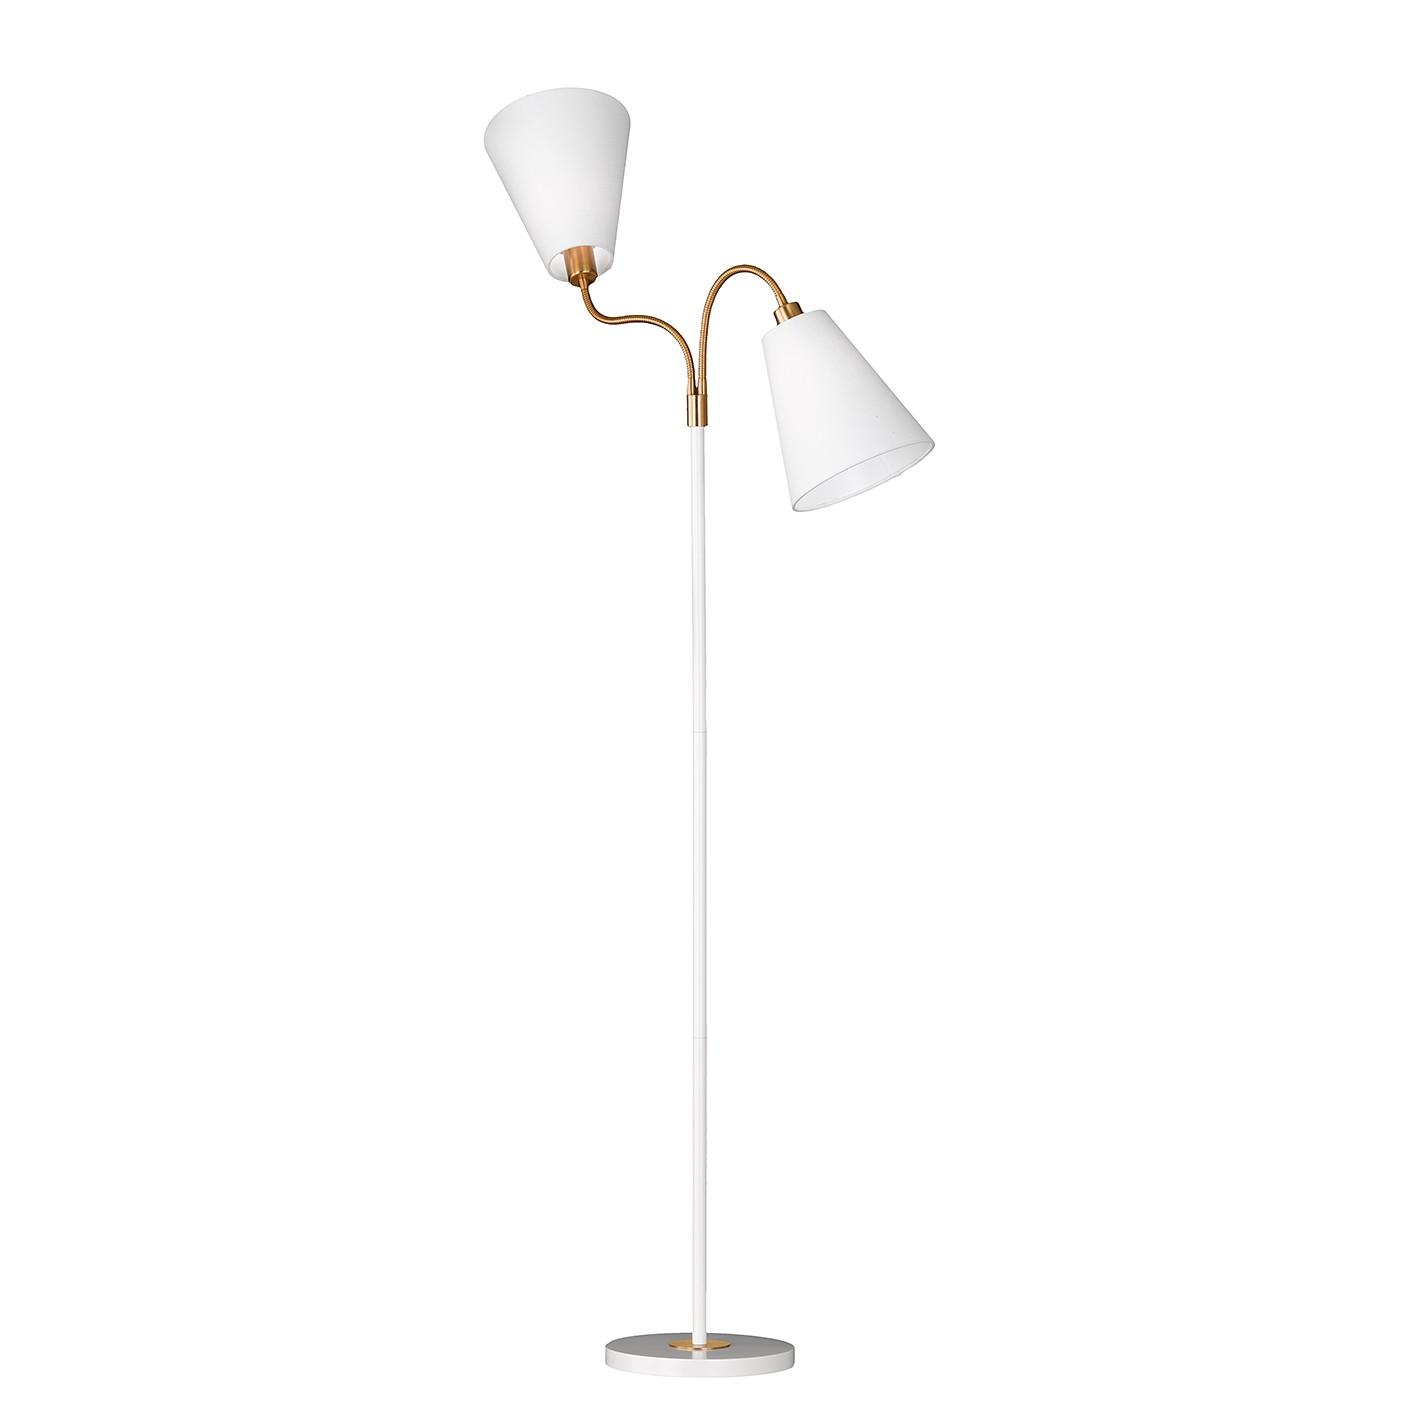 EEK A++, Lampadaire Hopper I - Tissu / Fer - 2 - Blanc, Honsel Leuchten